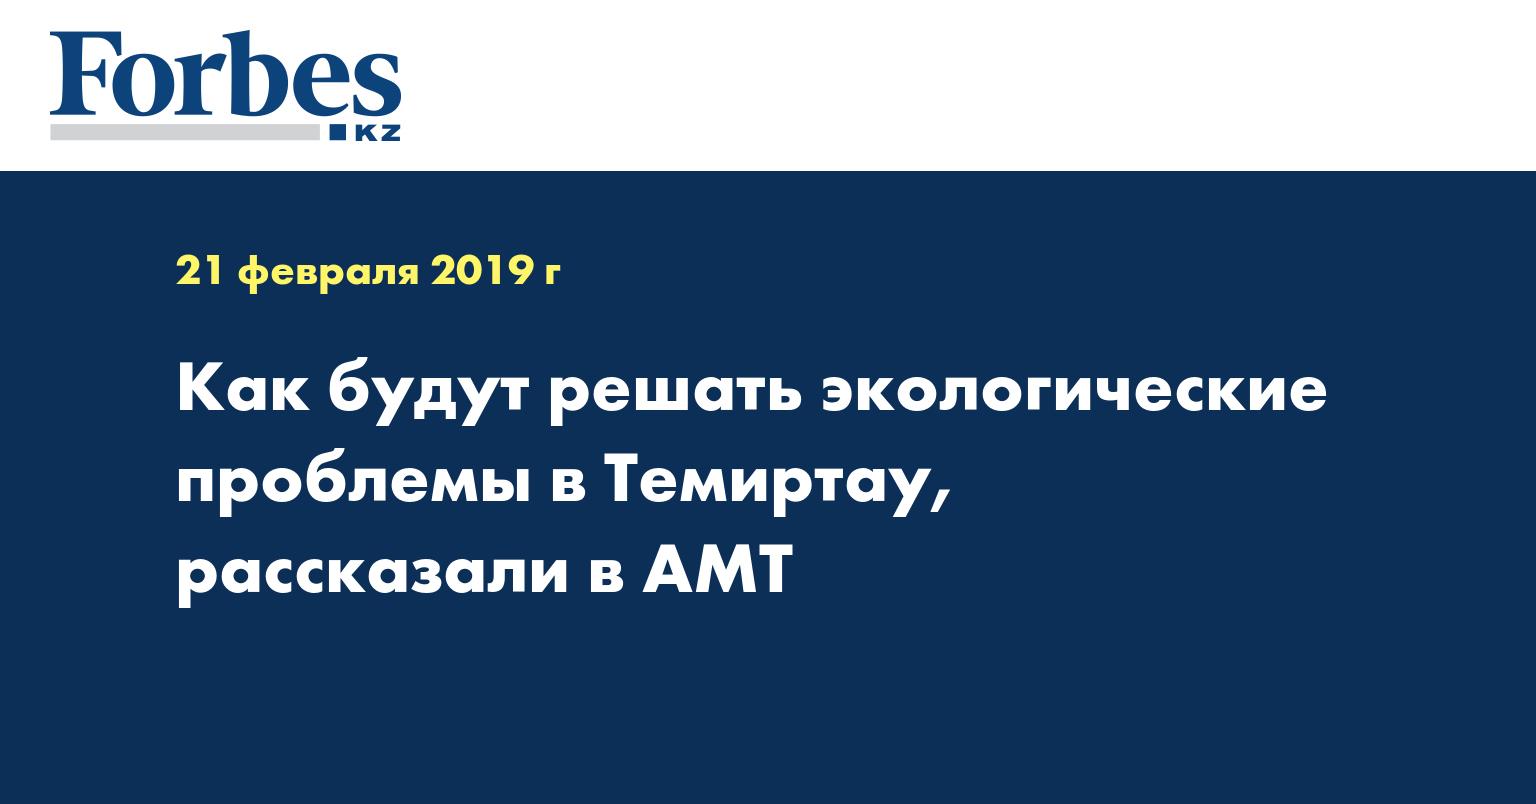 Как будут решать экологические проблемы в Темиртау, рассказали в АМТ